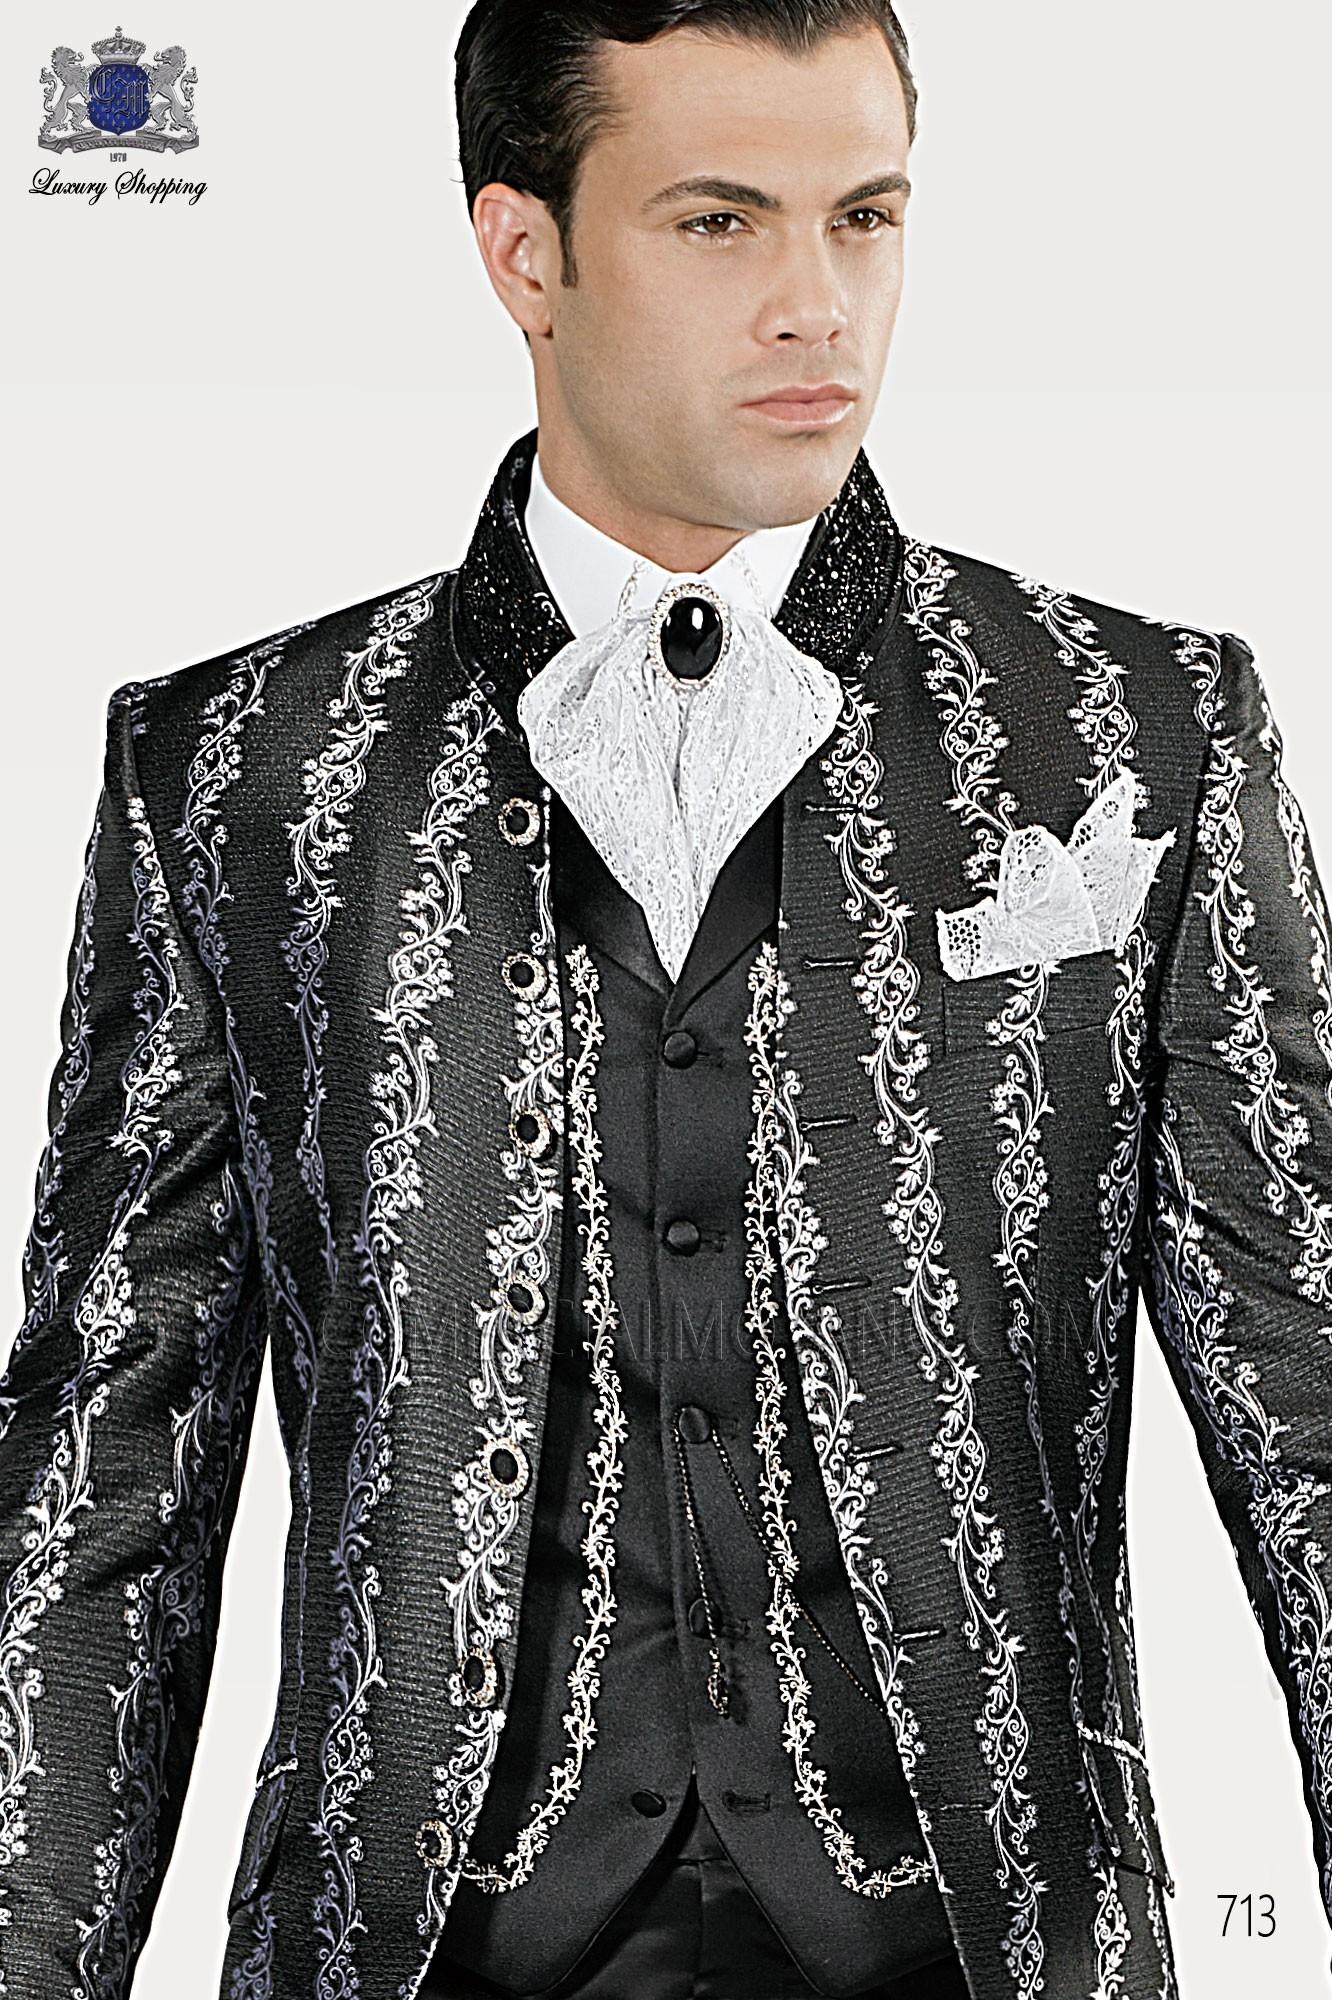 Traje barroco de novio plata-negro modelo: 713 Ottavio Nuccio Gala colección Barroco